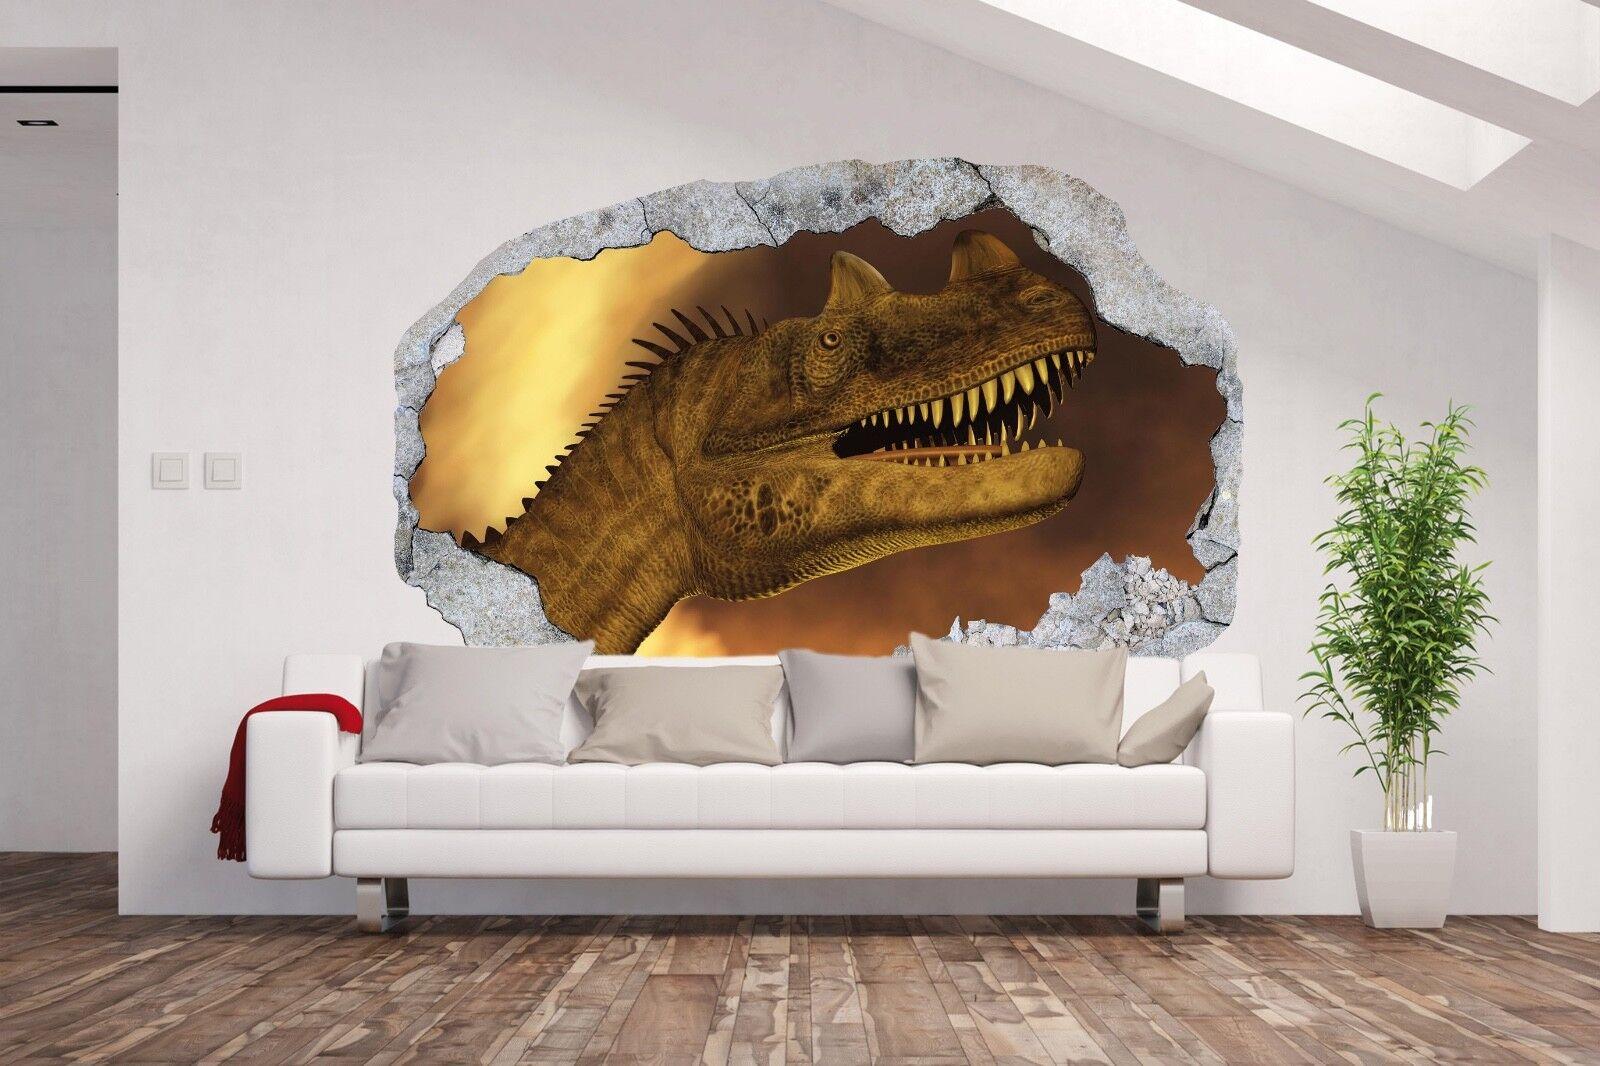 VliesTapete / Fototapete / 3D Illusion LOCH IN DER WAND / Dino Kinderzimmer